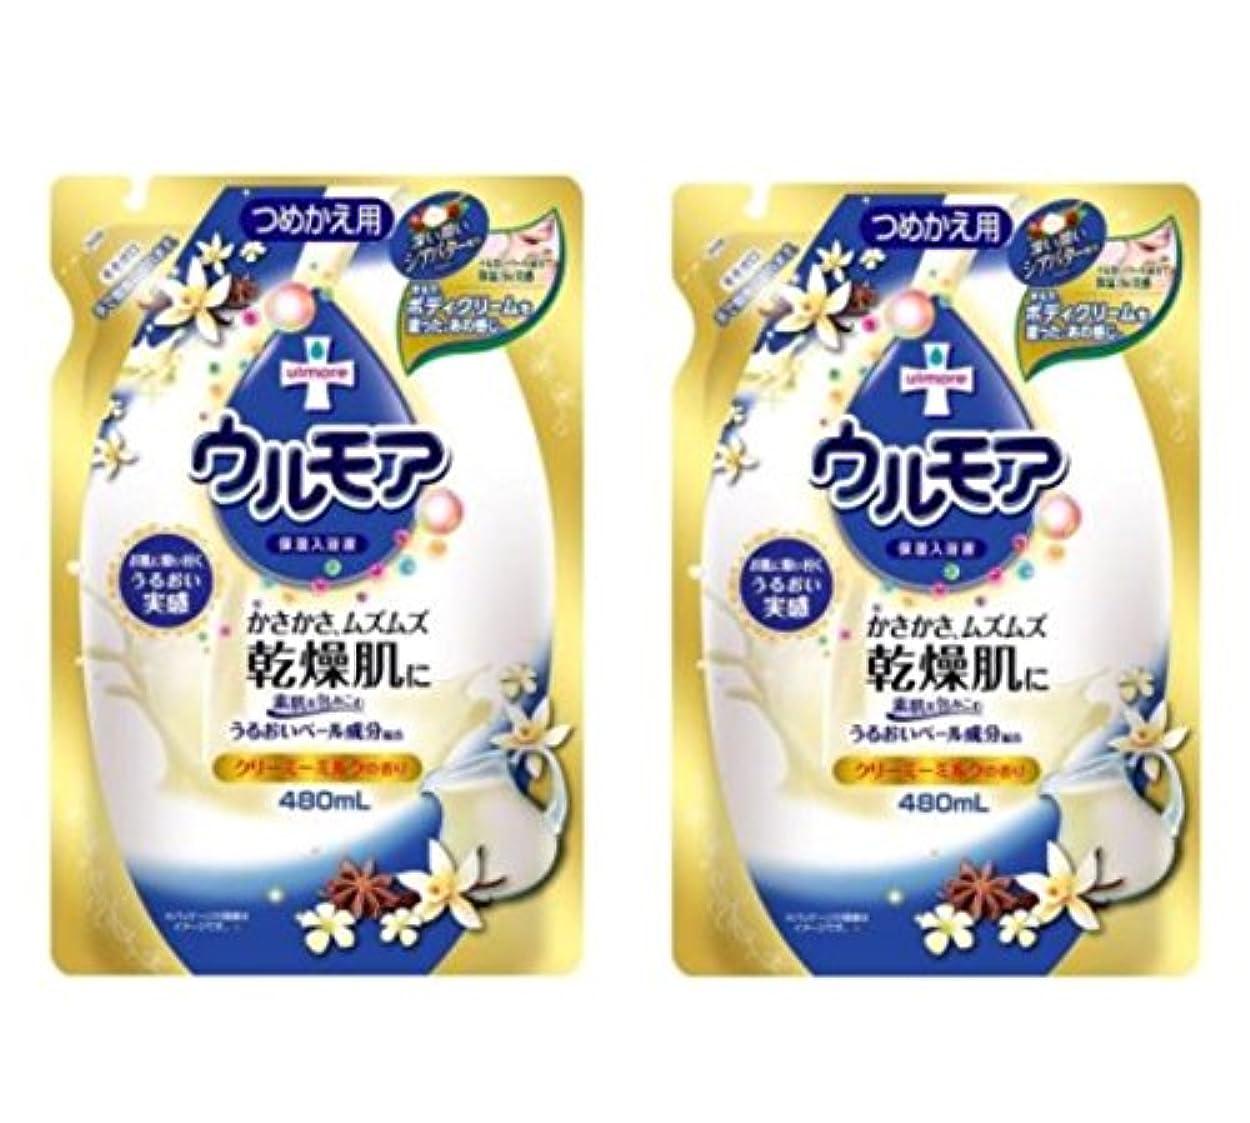 アセンブリ変成器貴重なアース製薬 保湿入浴液 ウルモア クリーミーミルク詰替 480ml×2個セット